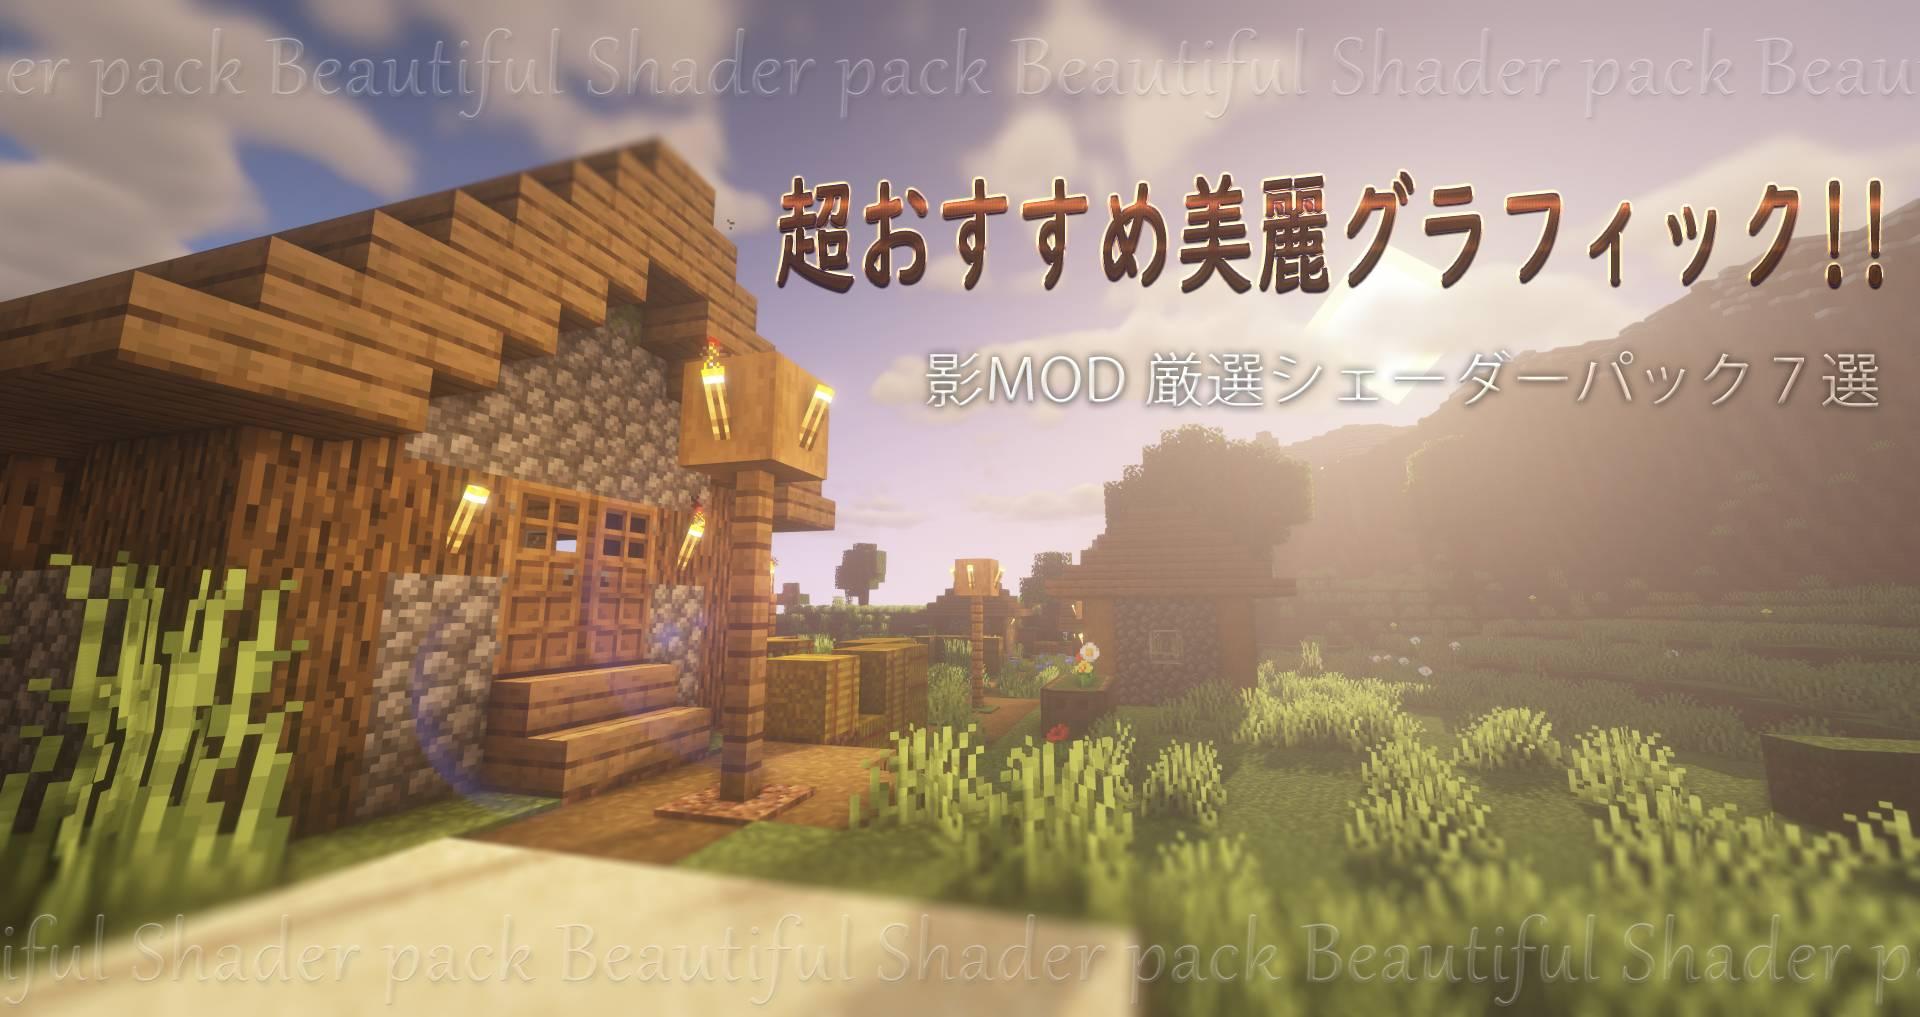 マイクラ pe 影 mod マインクラフトPEで使いたい!おすすめModアプリ20選